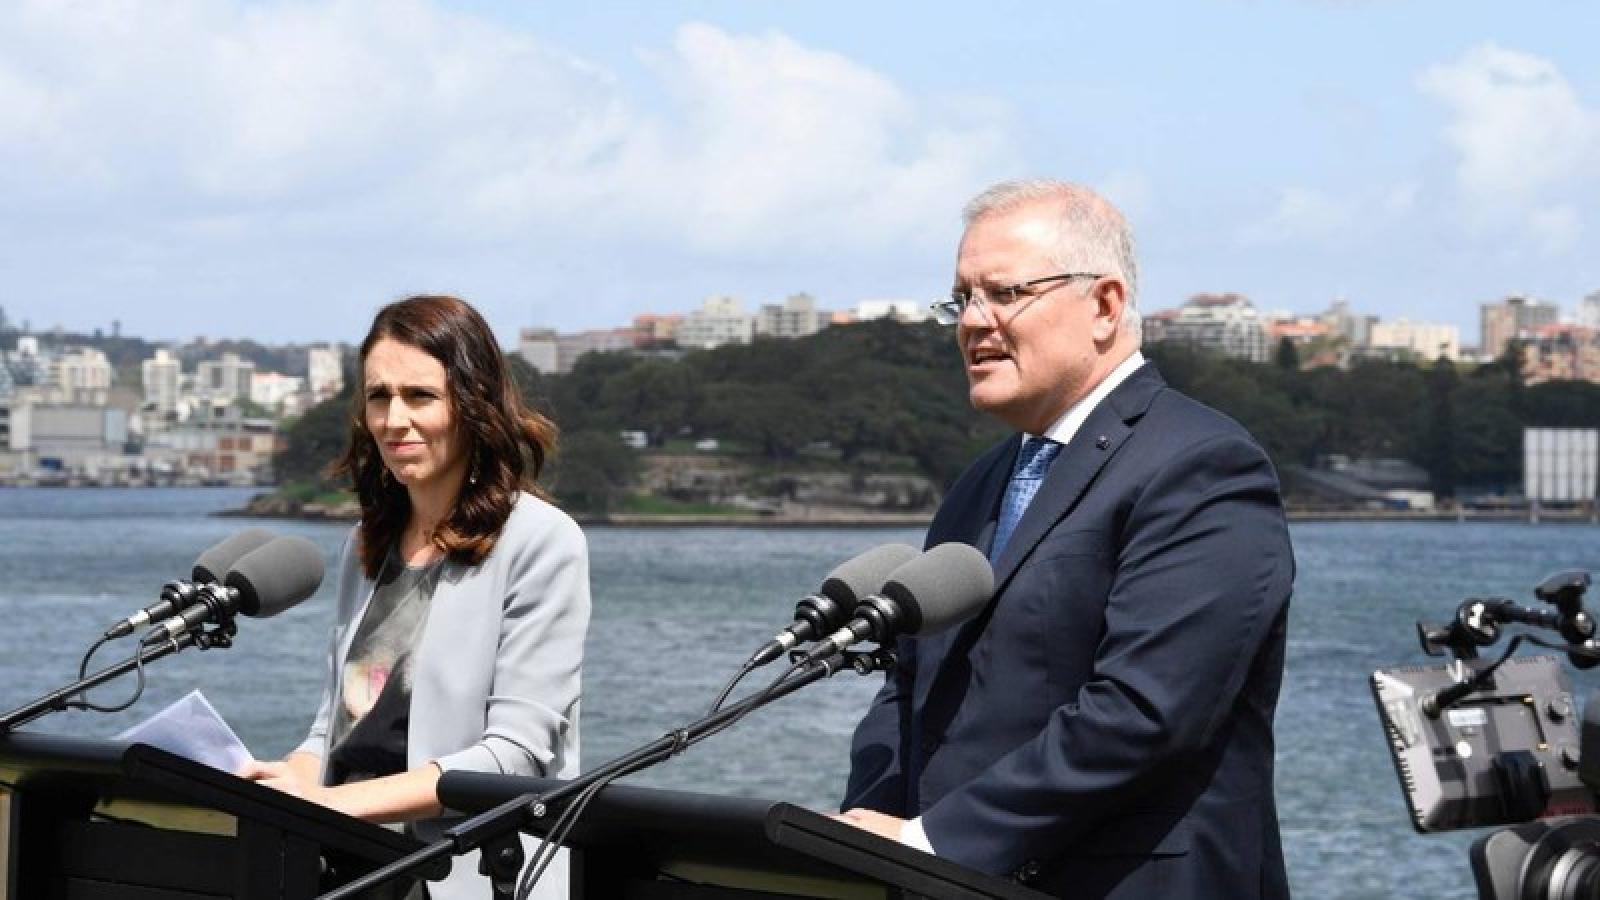 Thủ tướng New Zealand sẽ tham dự cuộc họp nội các Australia mở rộng